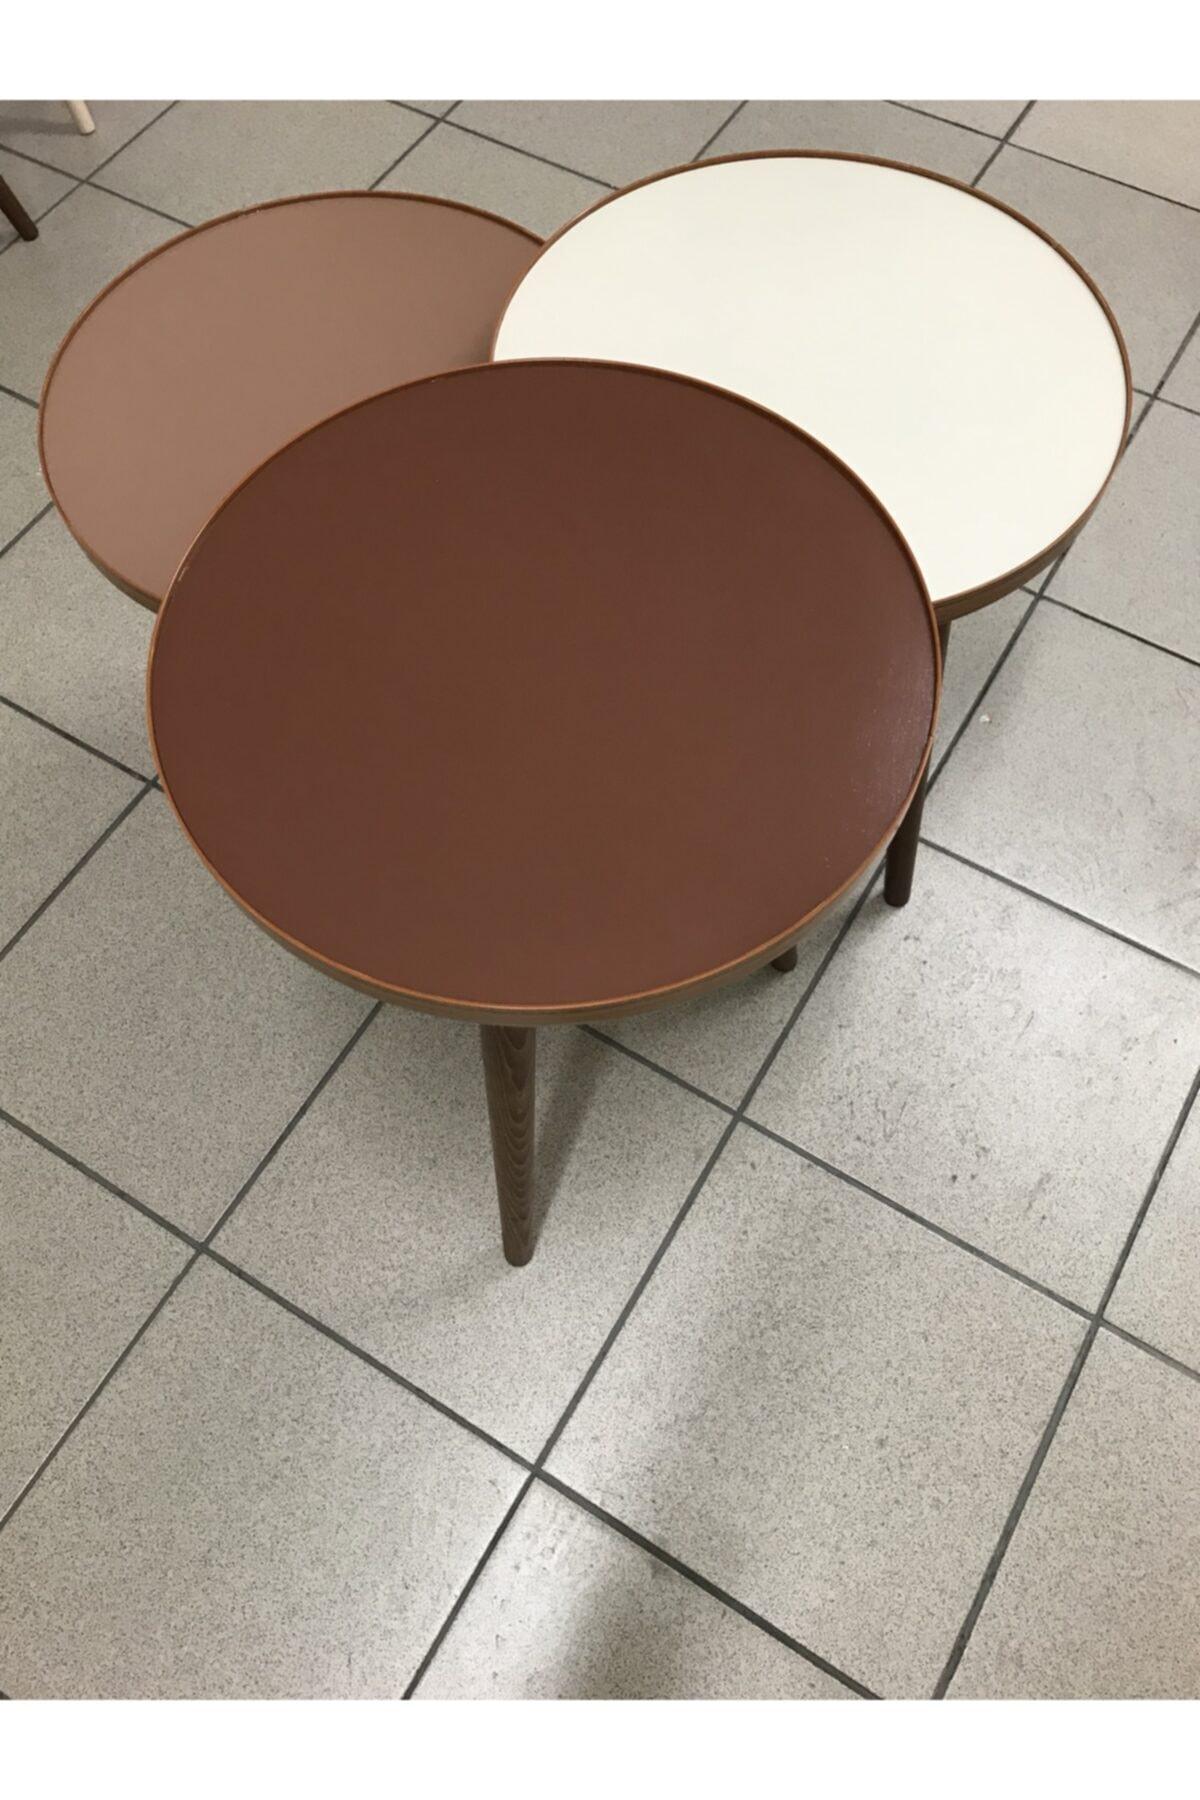 3'lü Zigon кофейный столик, журнальные столики, мебель الج, низкий стол